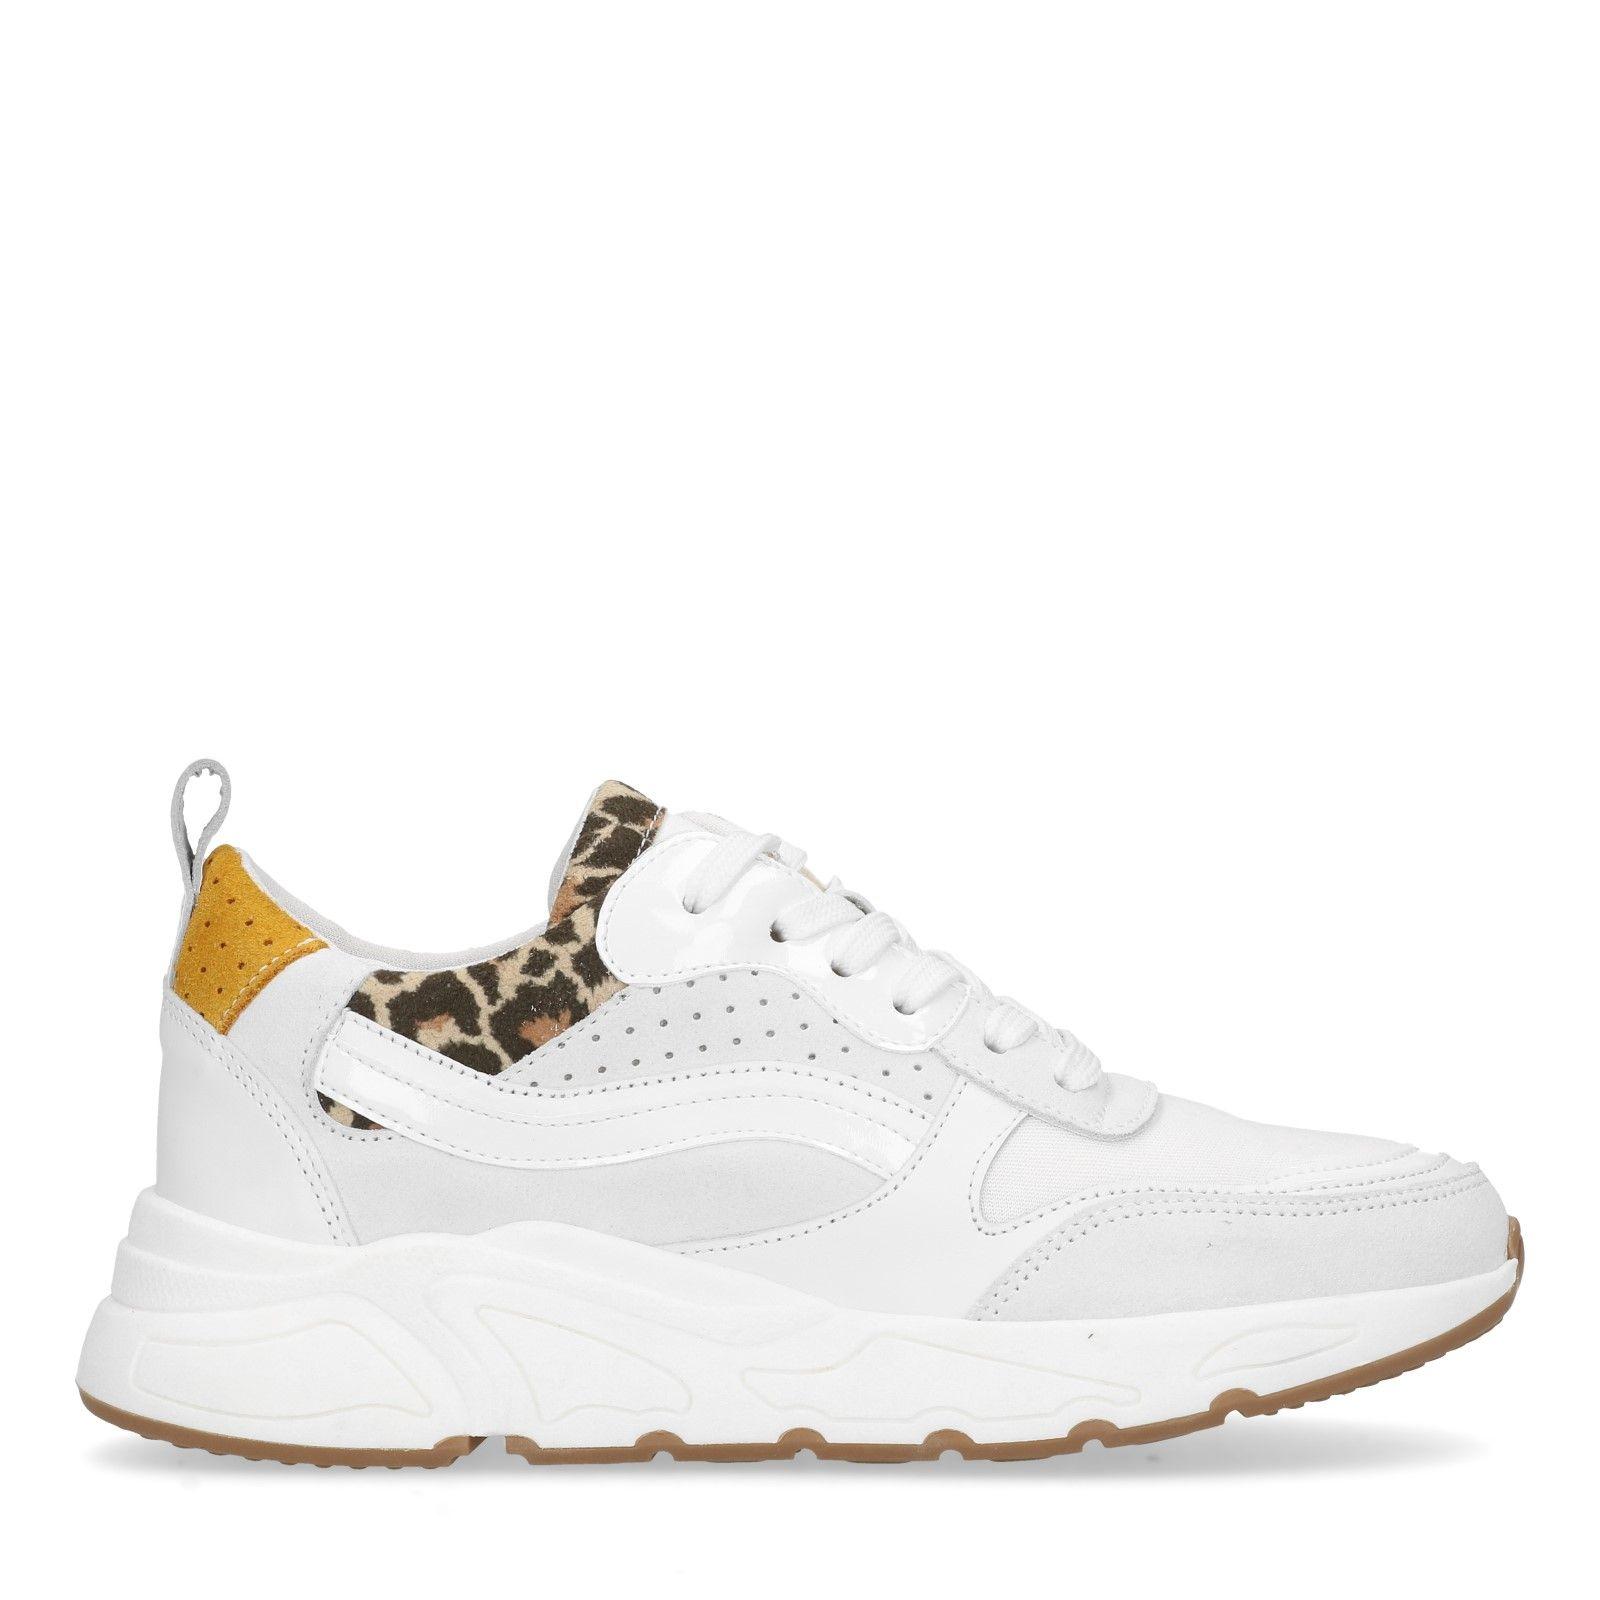 Sacha Witte dad sneakers met details